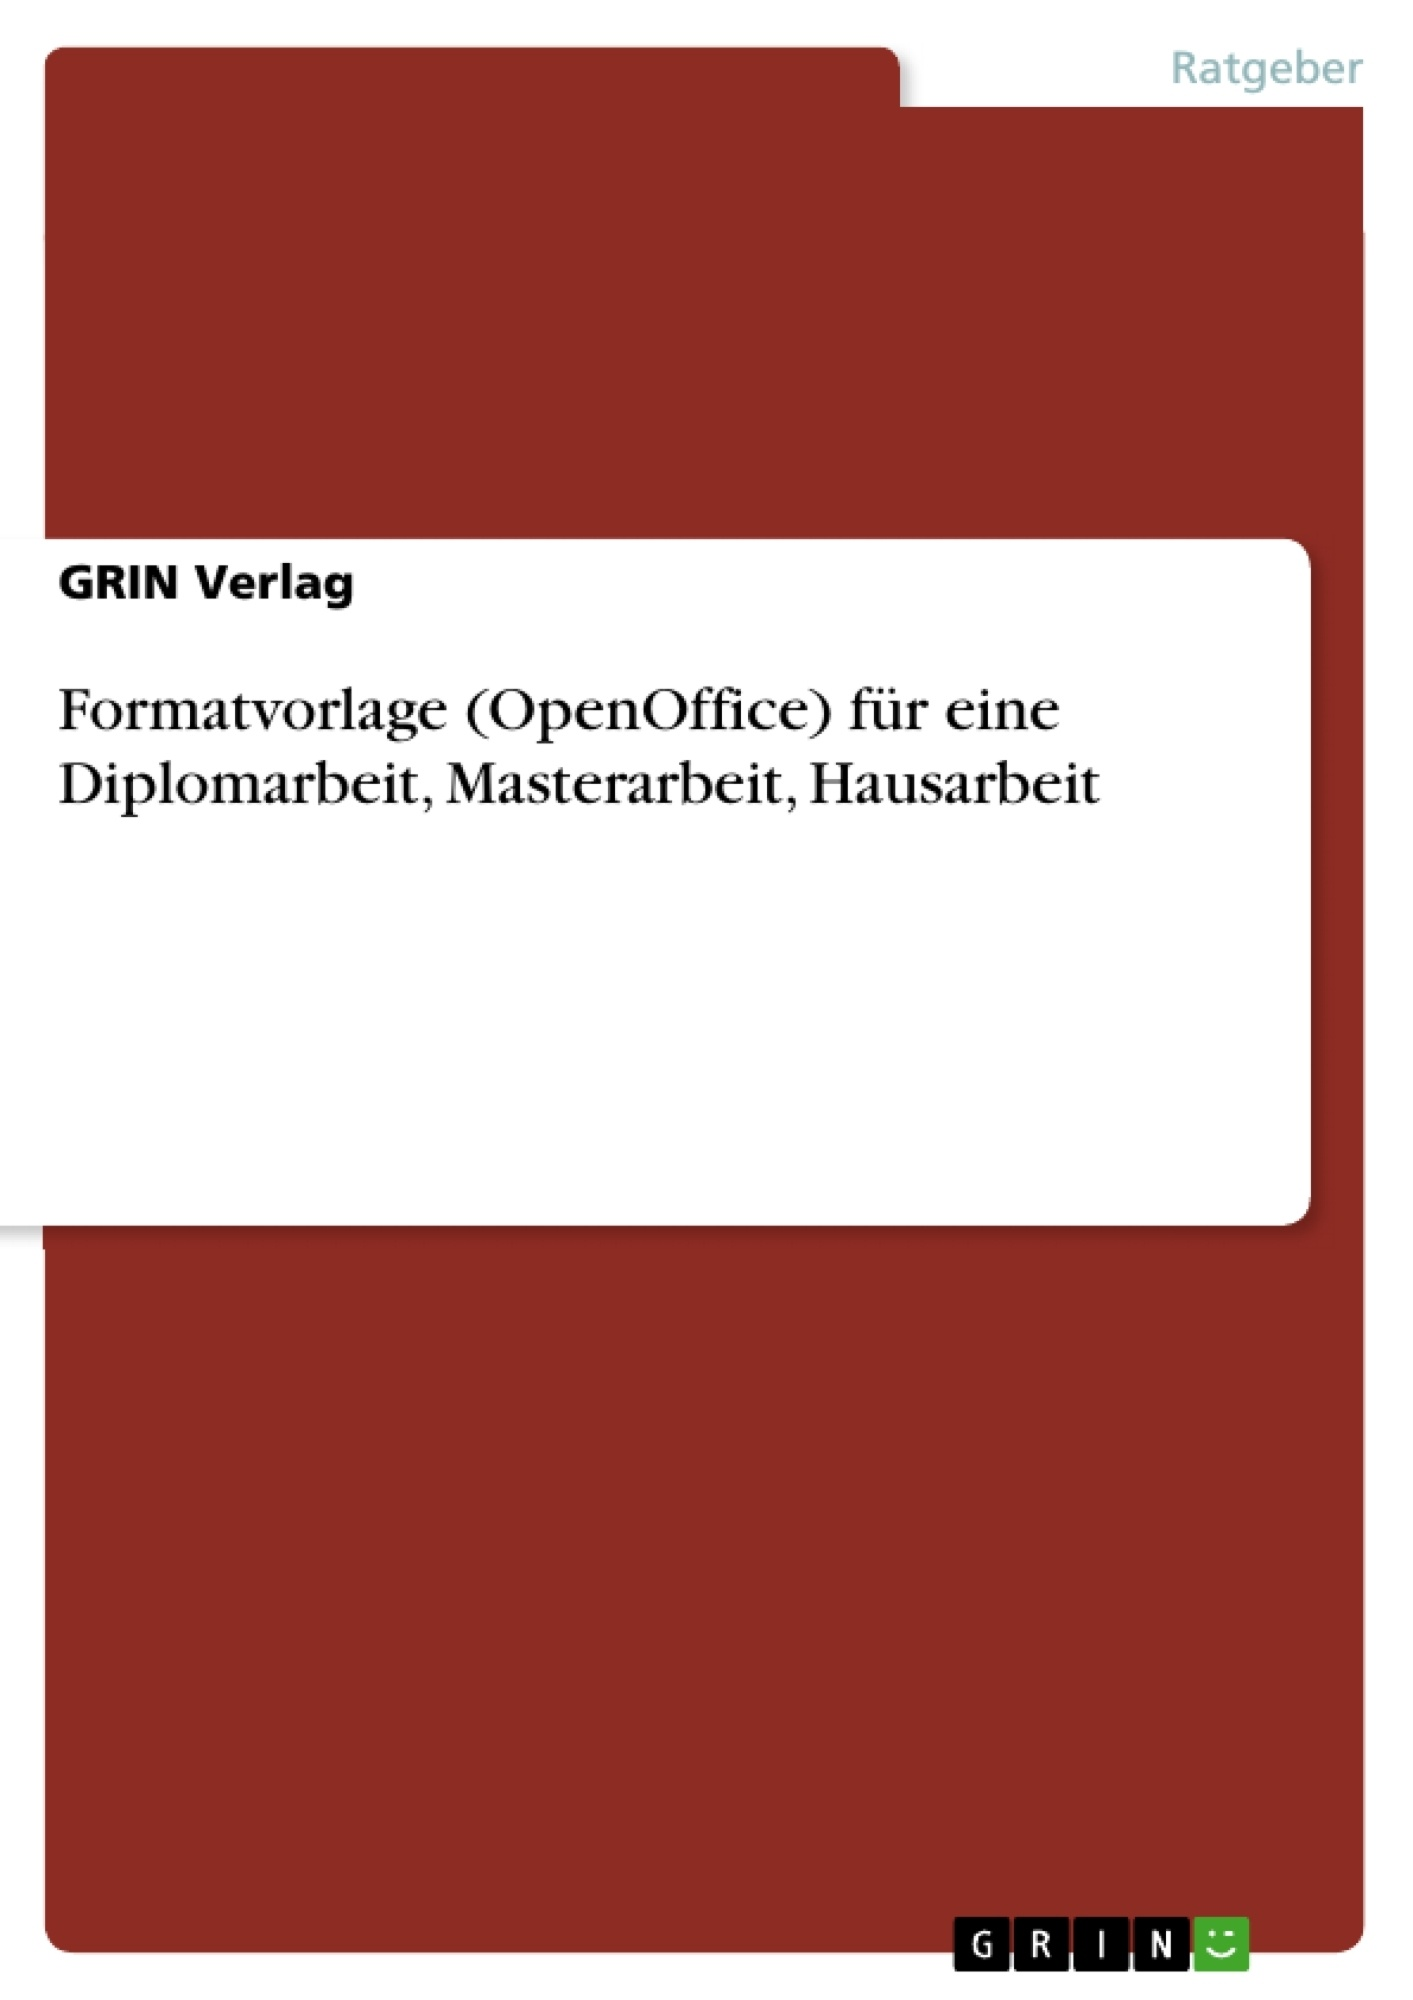 Titel: Formatvorlage (OpenOffice) für eine Diplomarbeit, Masterarbeit, Hausarbeit